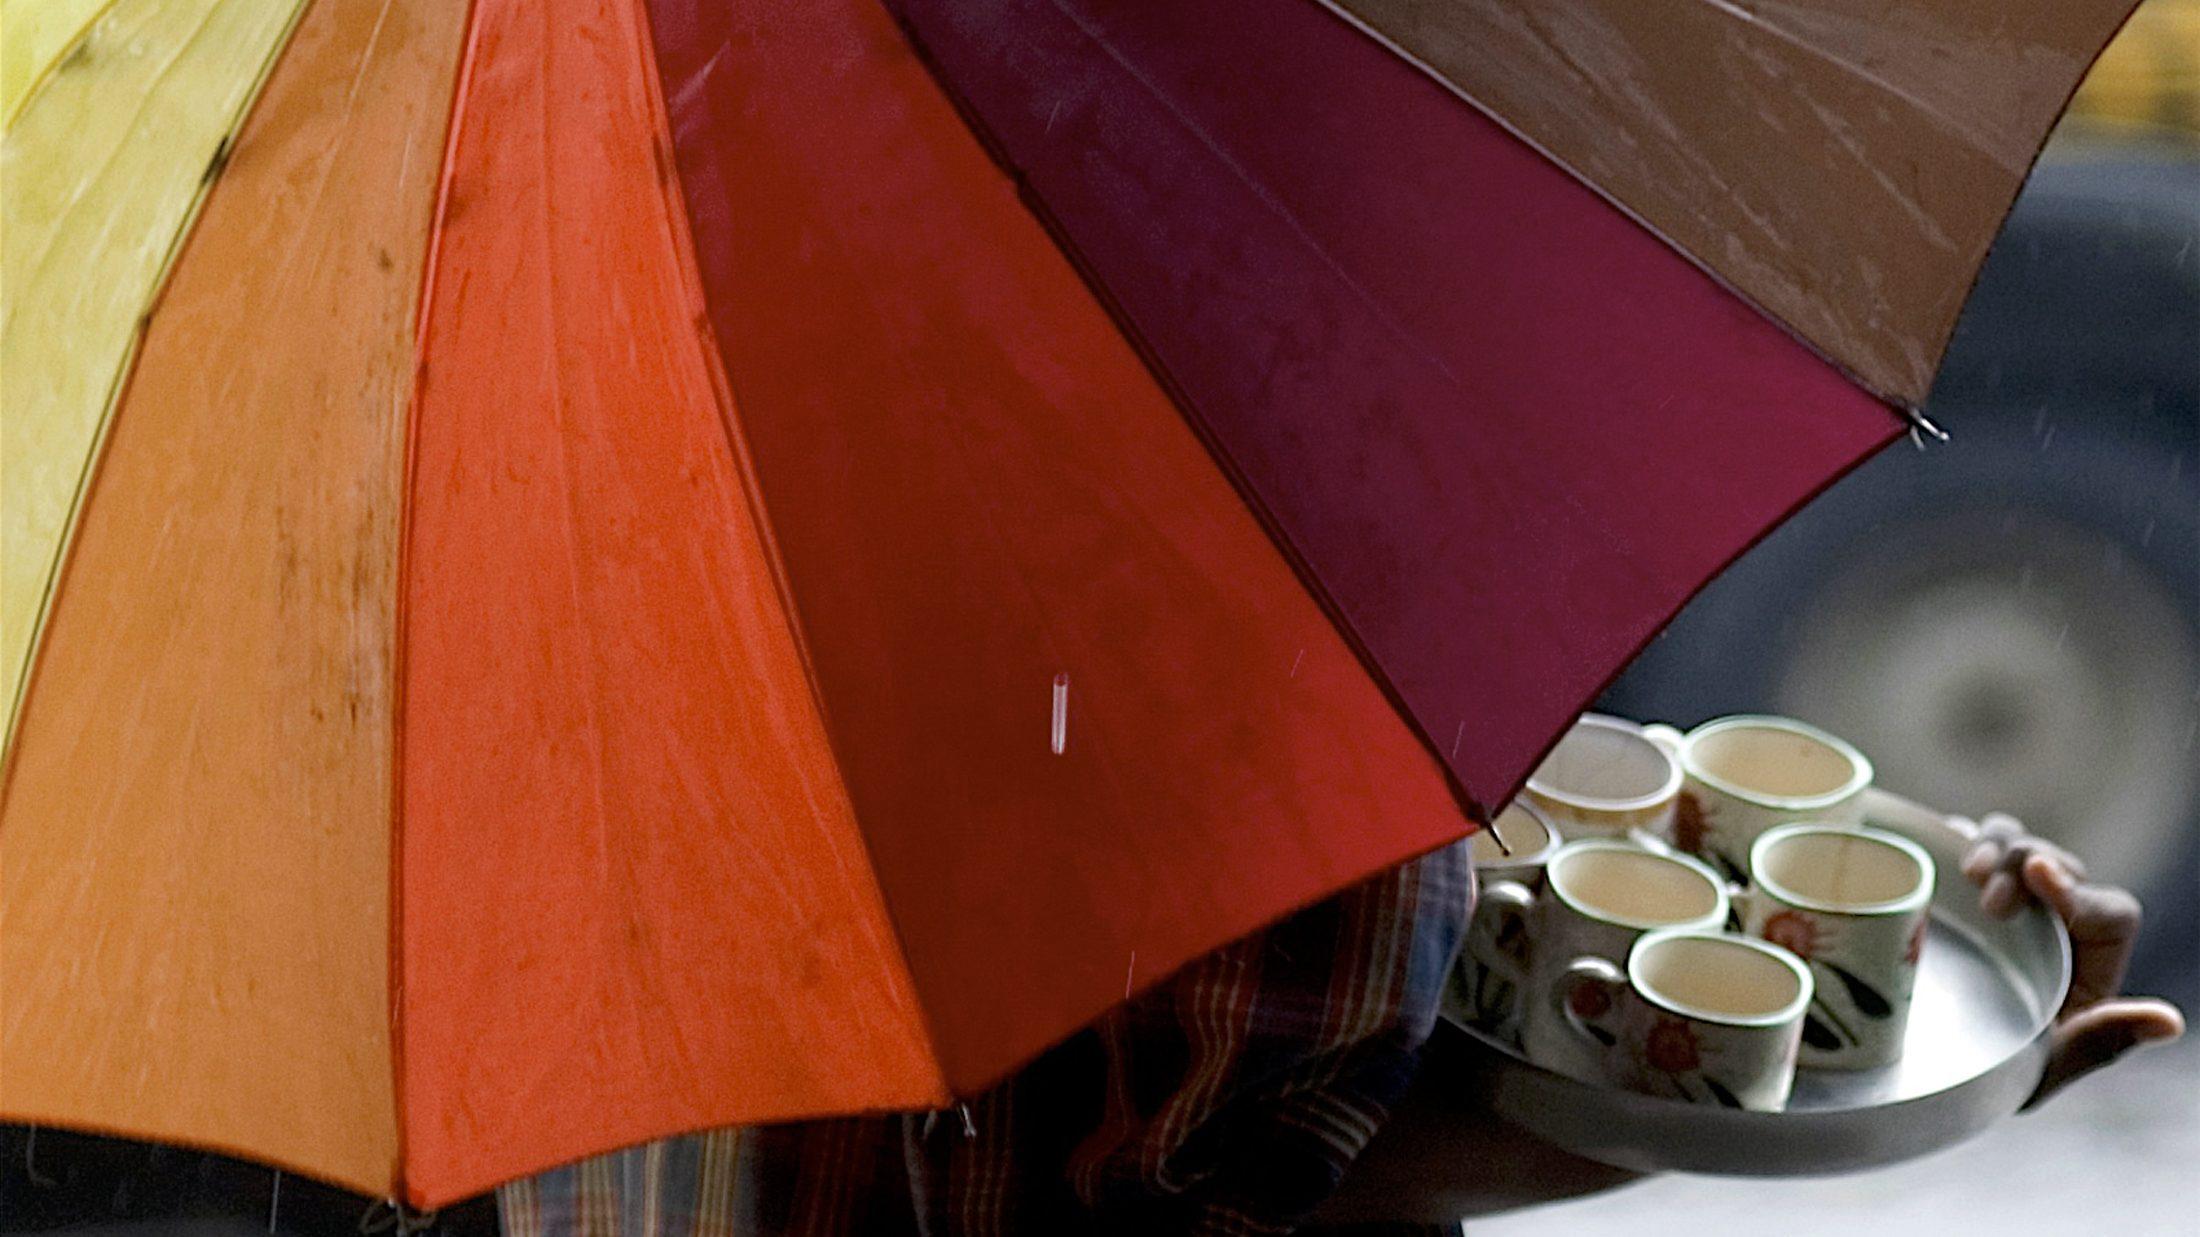 Tea vendor holds umbrella at roadside in Mumbai